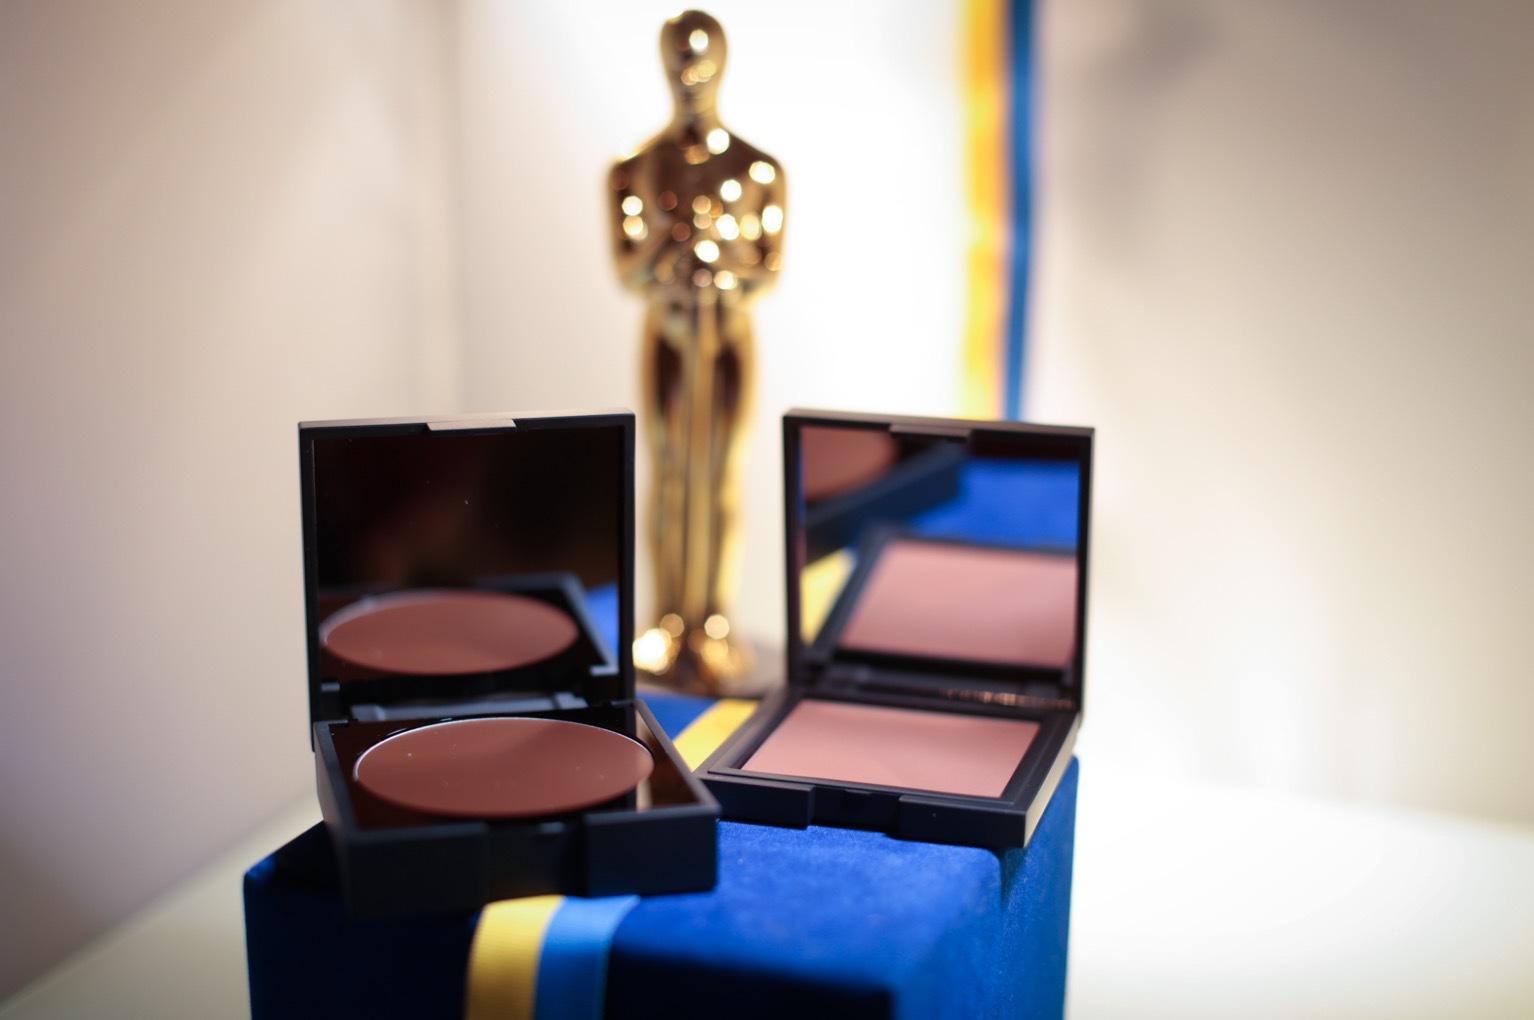 Marena Beauté är ett svenskt makeupmärke som satsar på mångfald